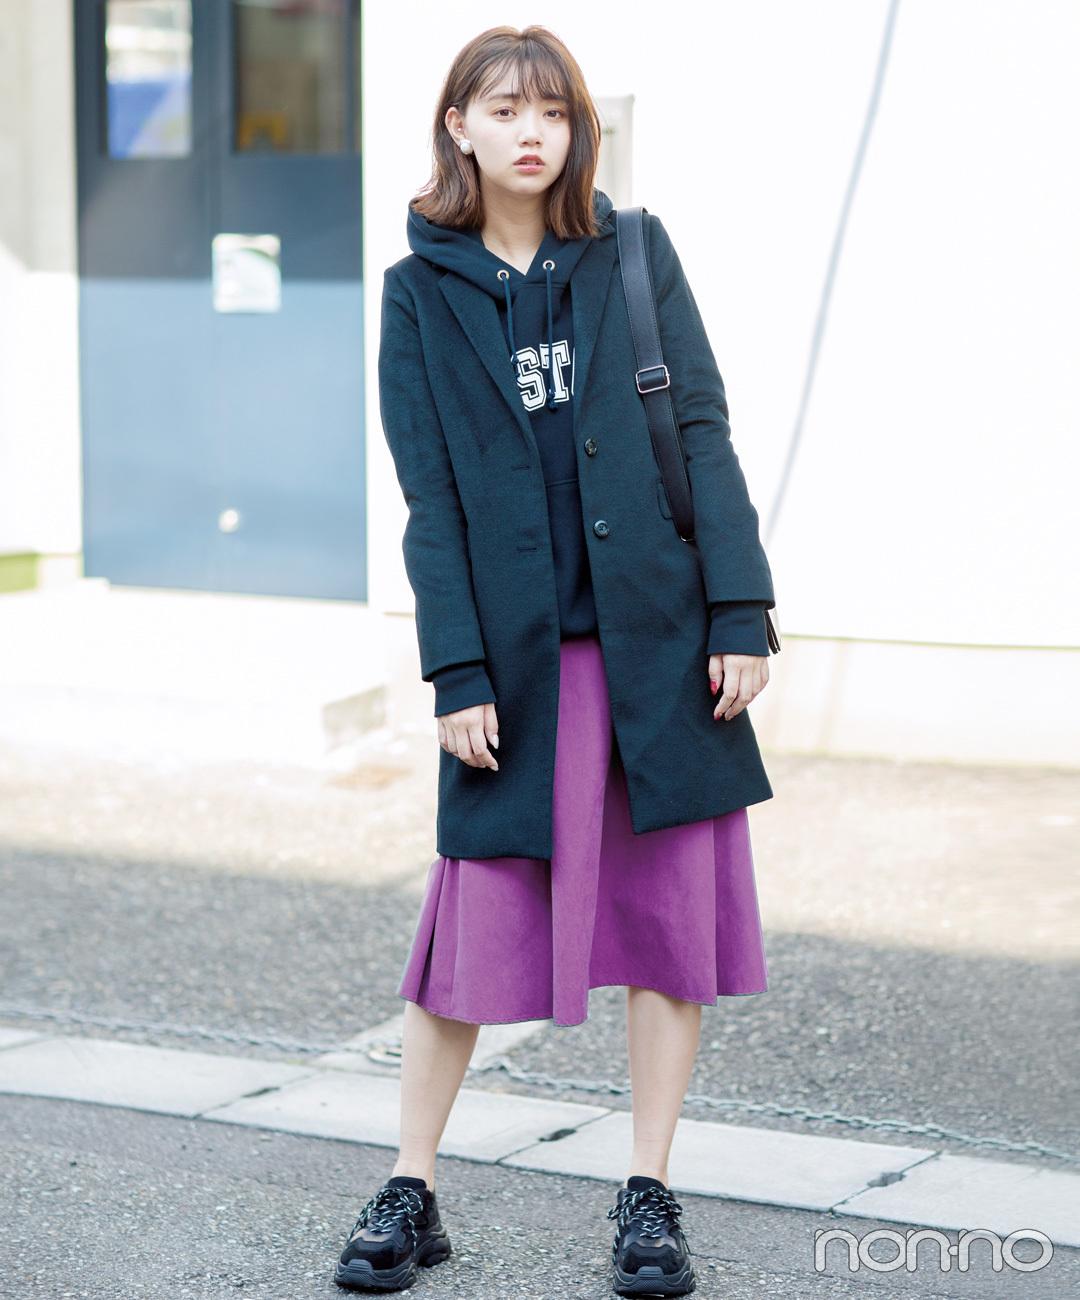 【黒スニーカーコーデ7】チェスターコート×フレアスカート×スニーカー